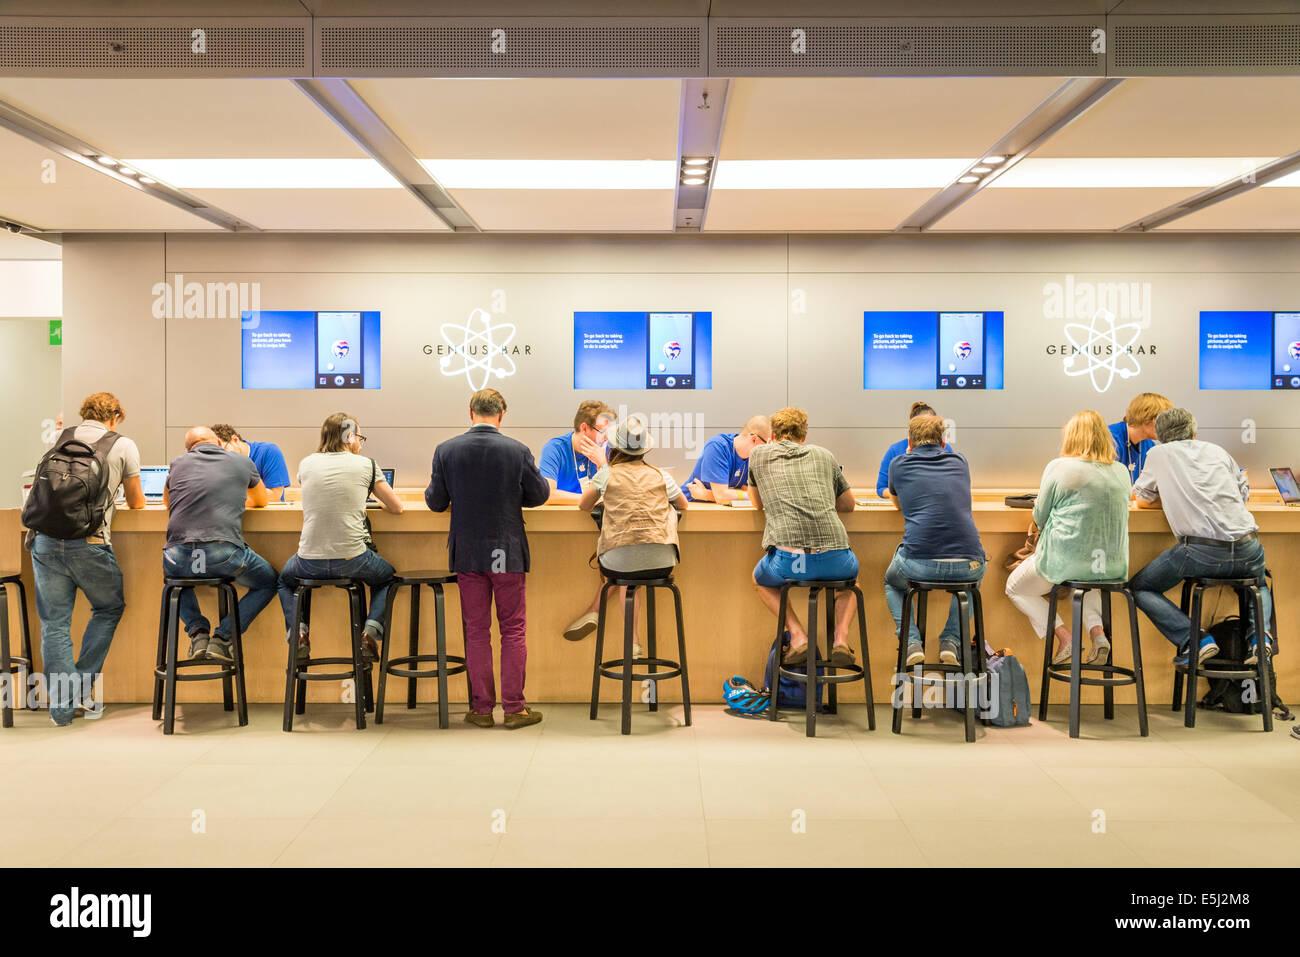 Servicio de asistencia al cliente en la barra de Genius en el Apple Store, Londres, Inglaterra, Reino Unido. Imagen De Stock